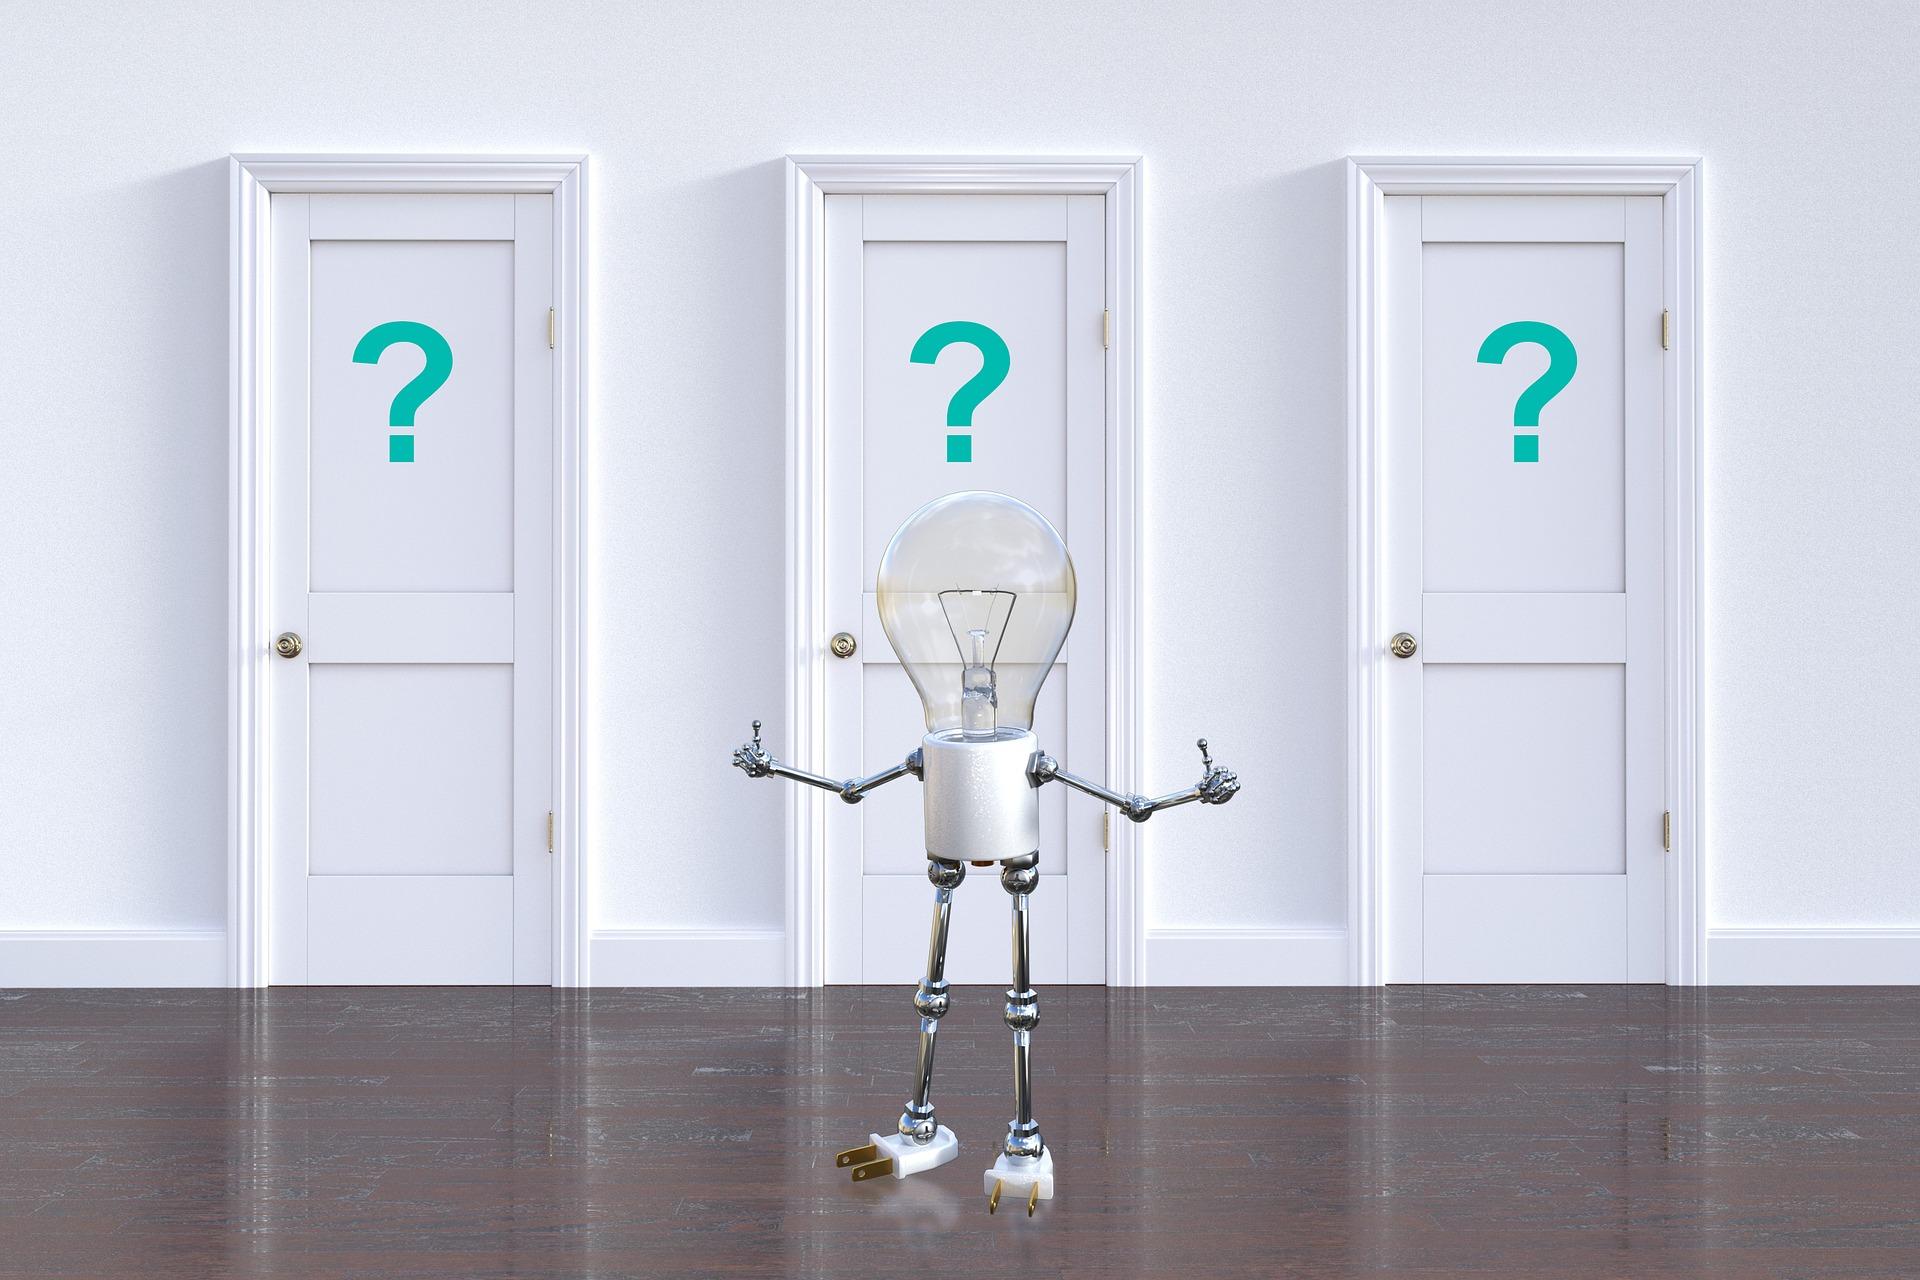 Lyspærefigur med armer og bein, som står foran tre hvite dører med spørsmålstegn på